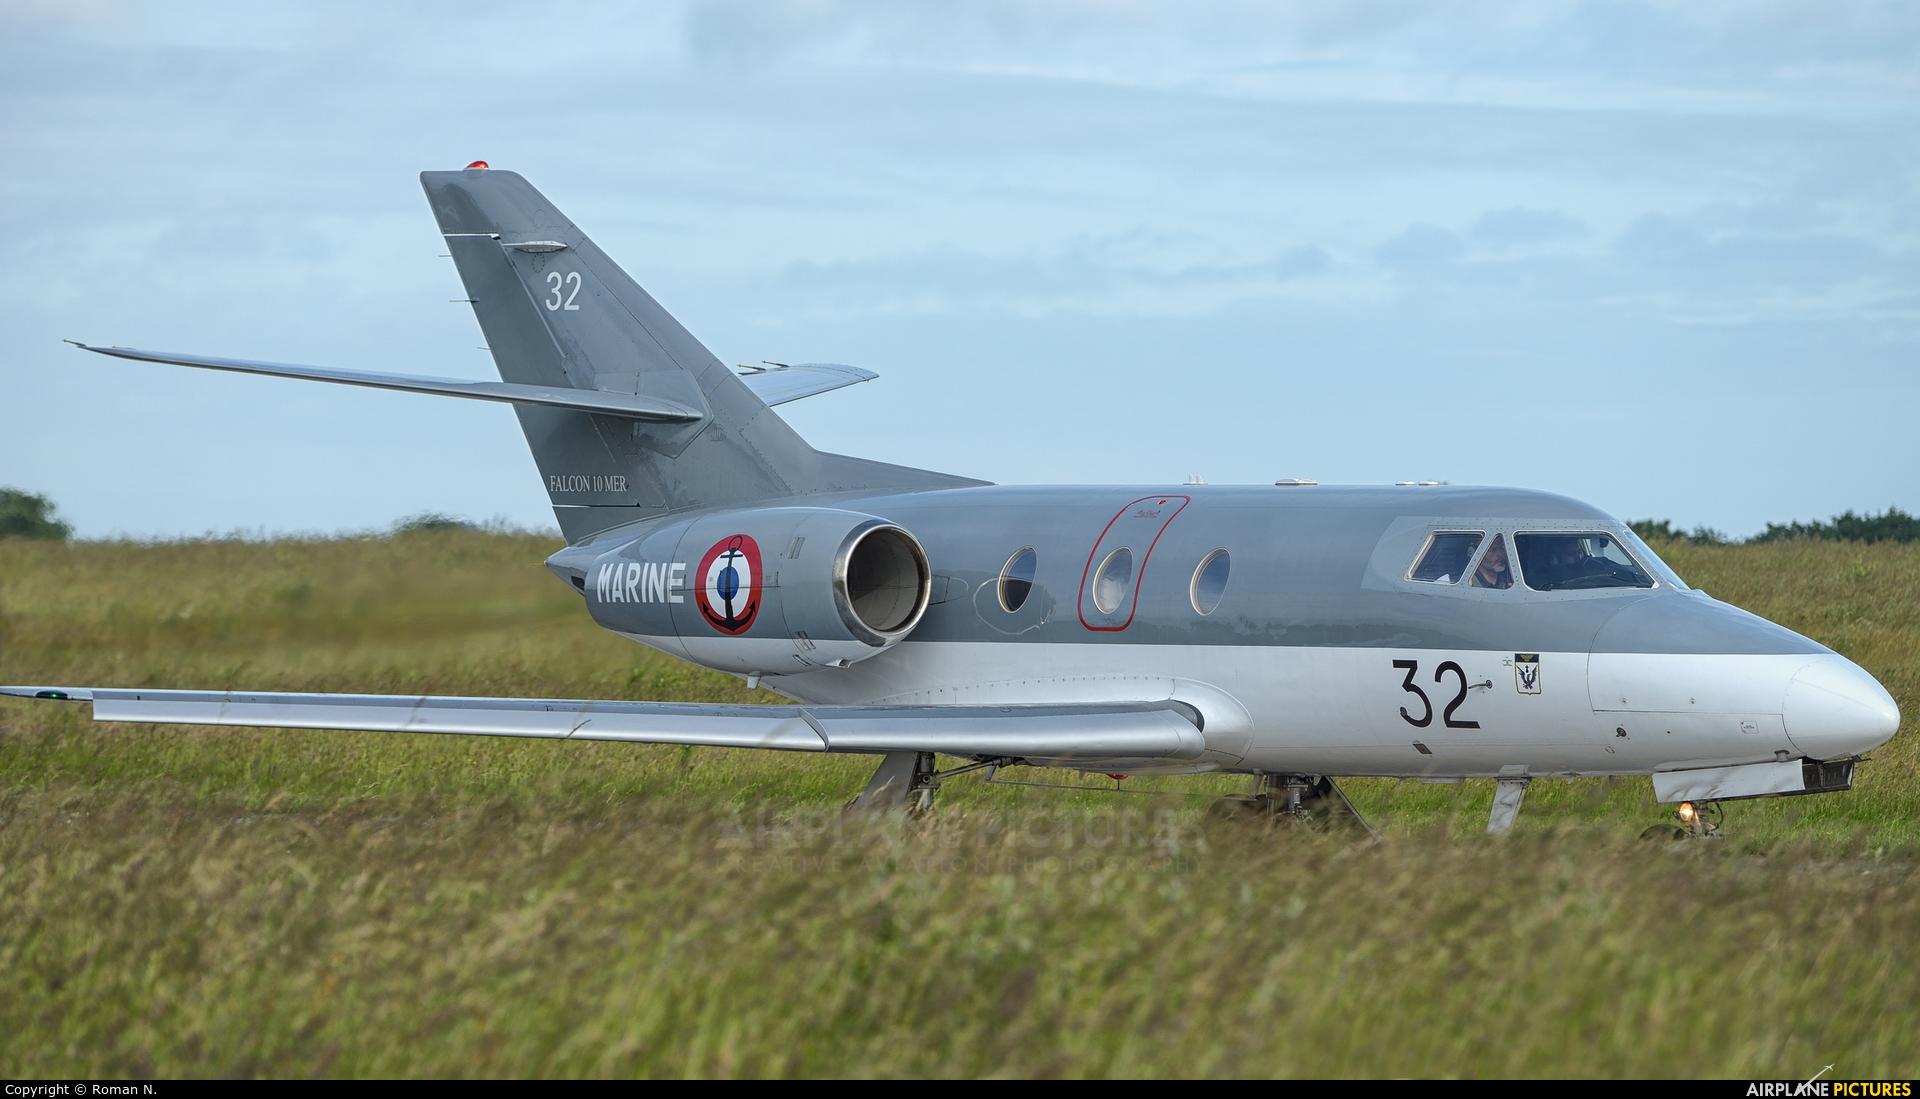 France - Navy 32 aircraft at Landivisiau